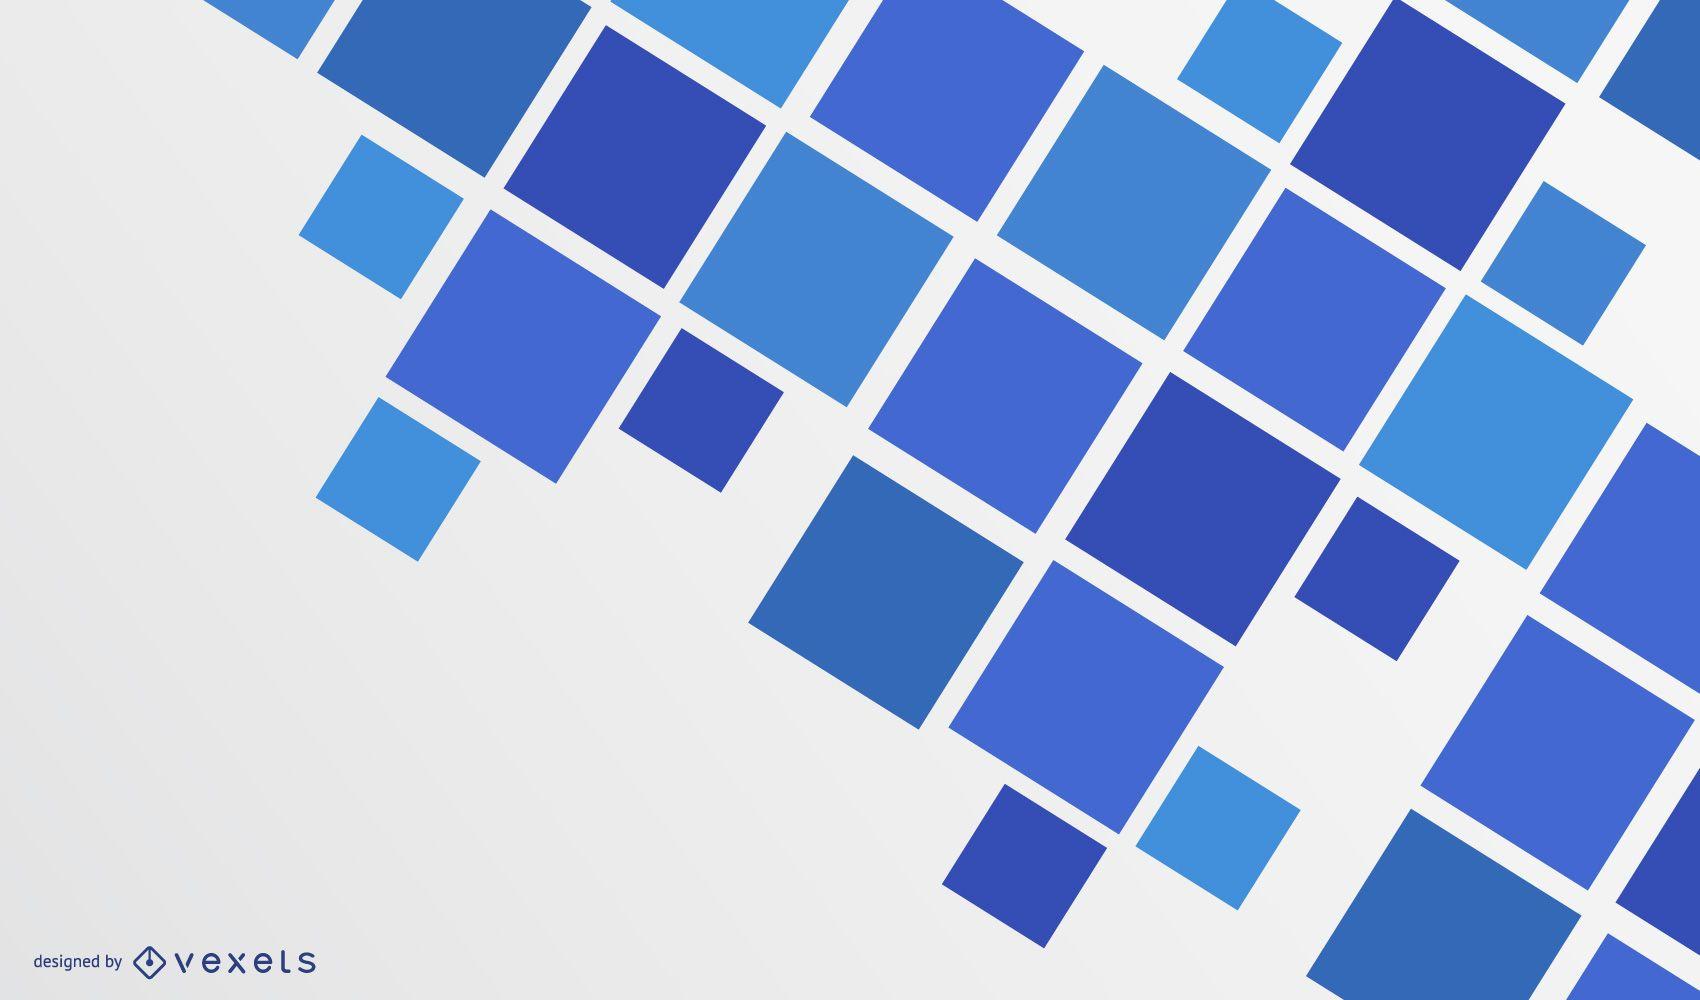 Fondo de cuadrados abstractos azul moderno